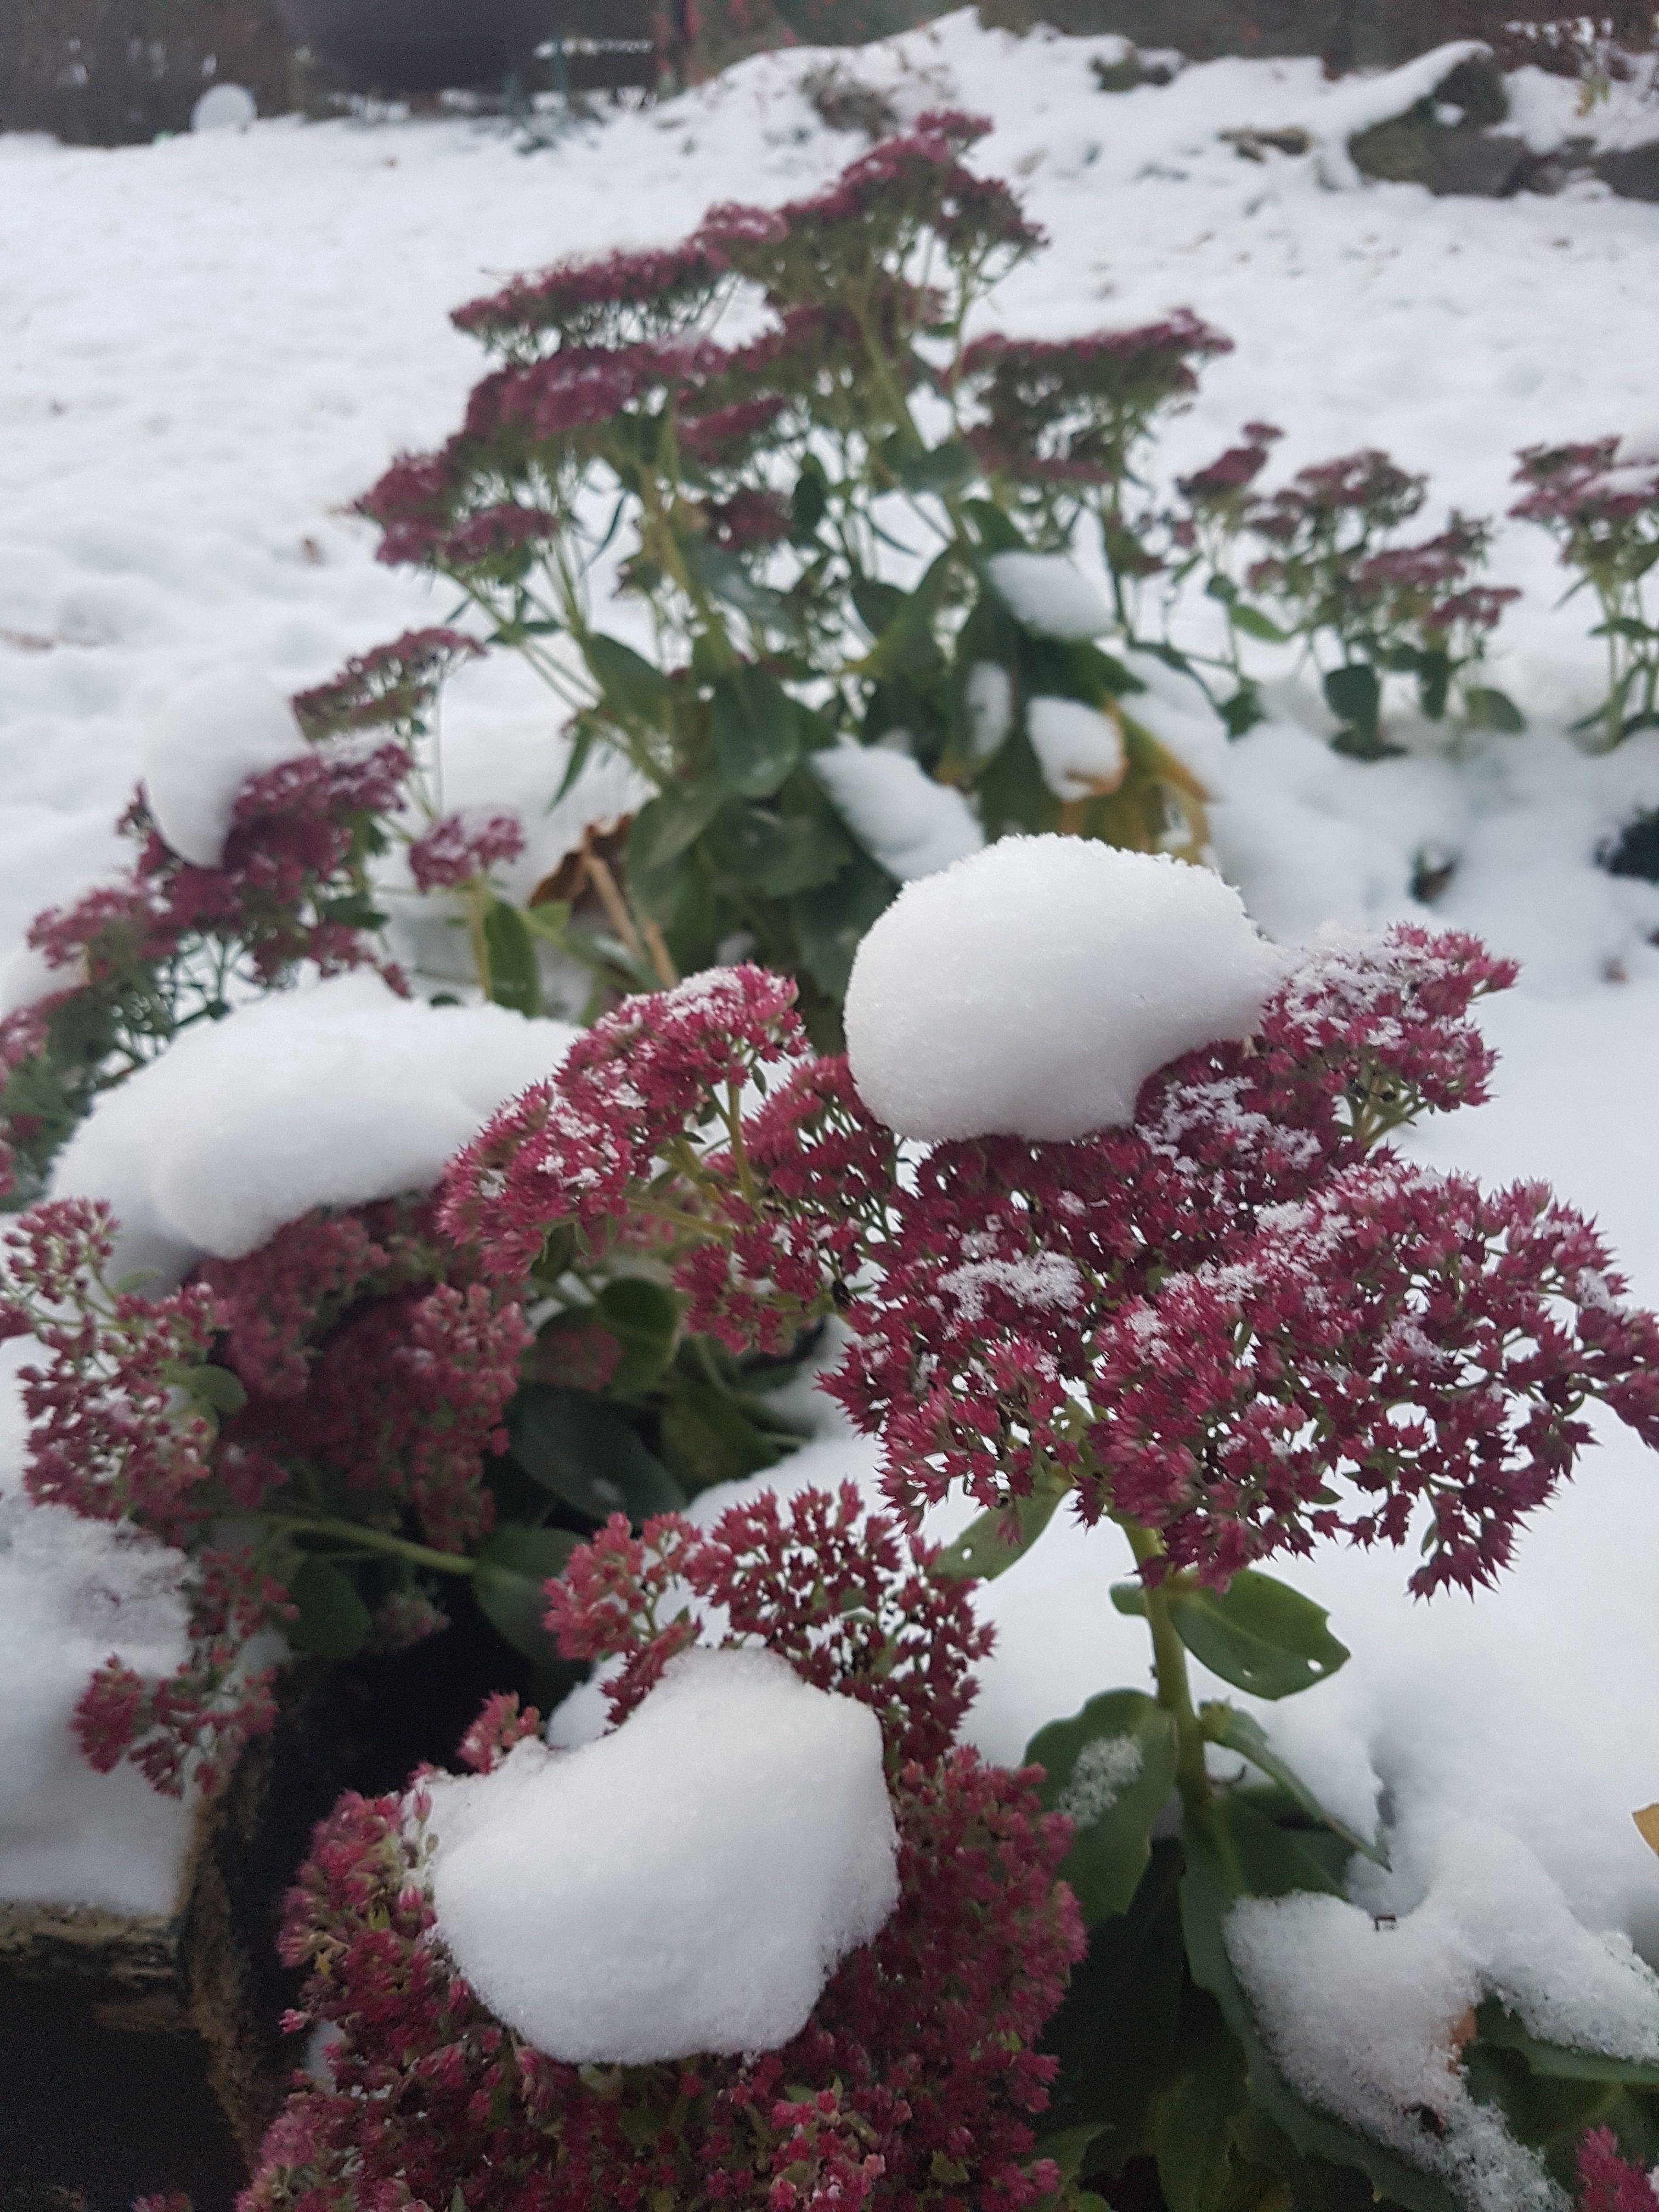 Et par ting som beskytter staudene våre gjennom vinteren